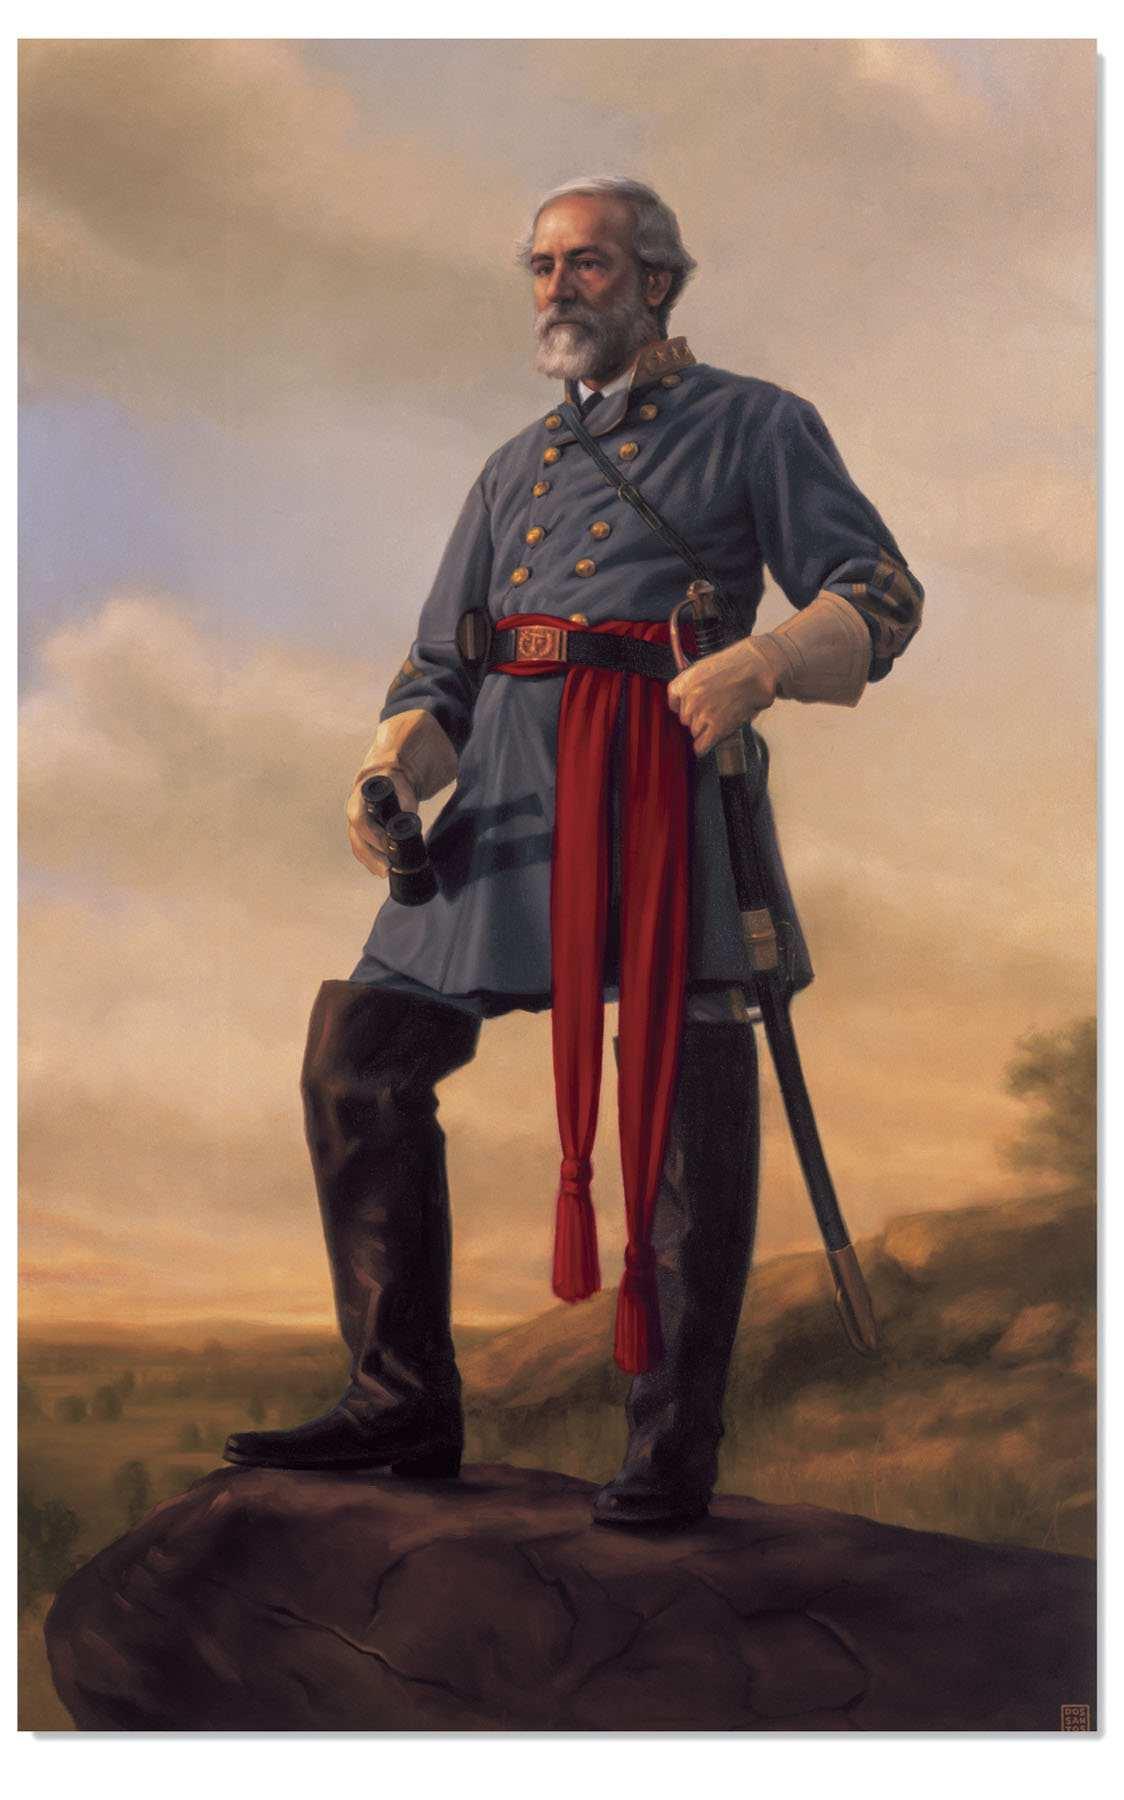 Robert General Civil War Lee